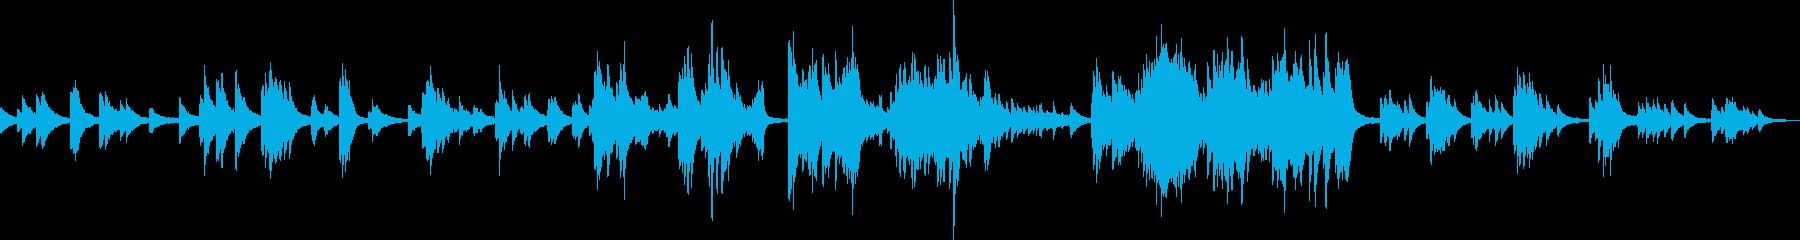 寄り添うような優しいピアノソロ曲の再生済みの波形